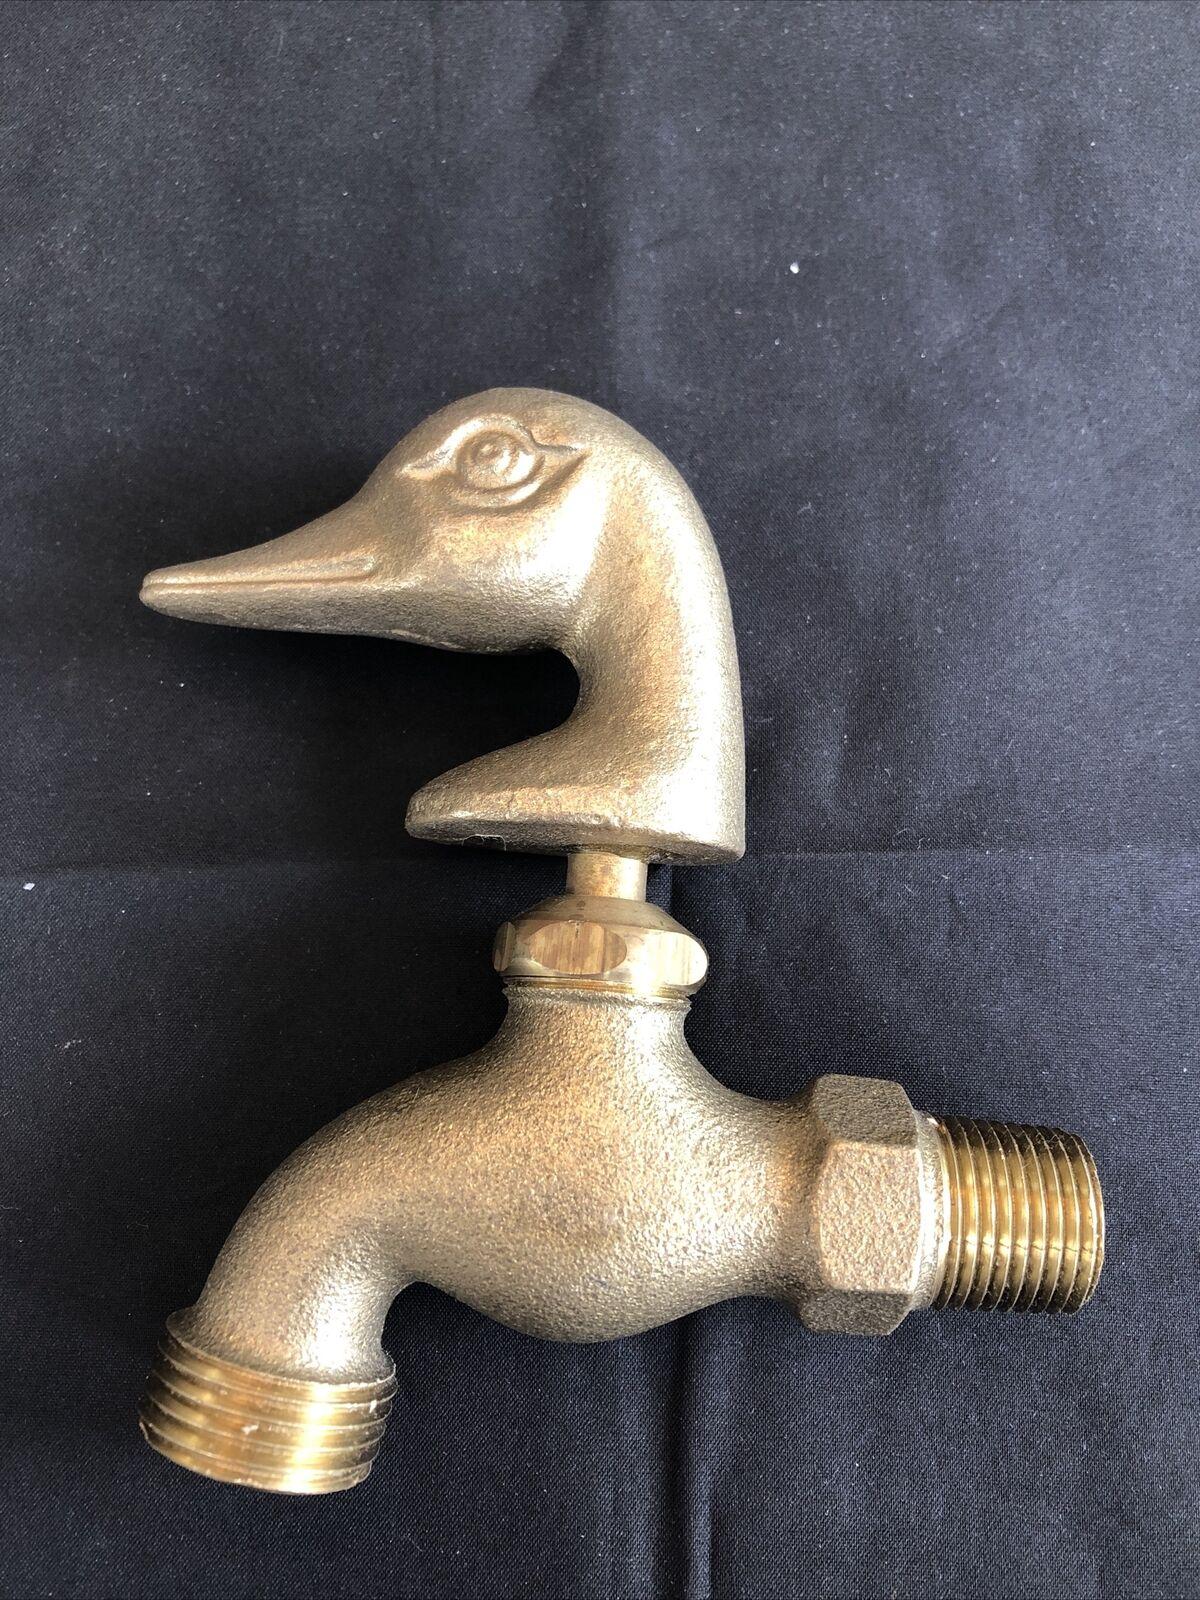 Brass Duck Head Mallard Head Water Garden Outdoor Faucet Hose Spigot